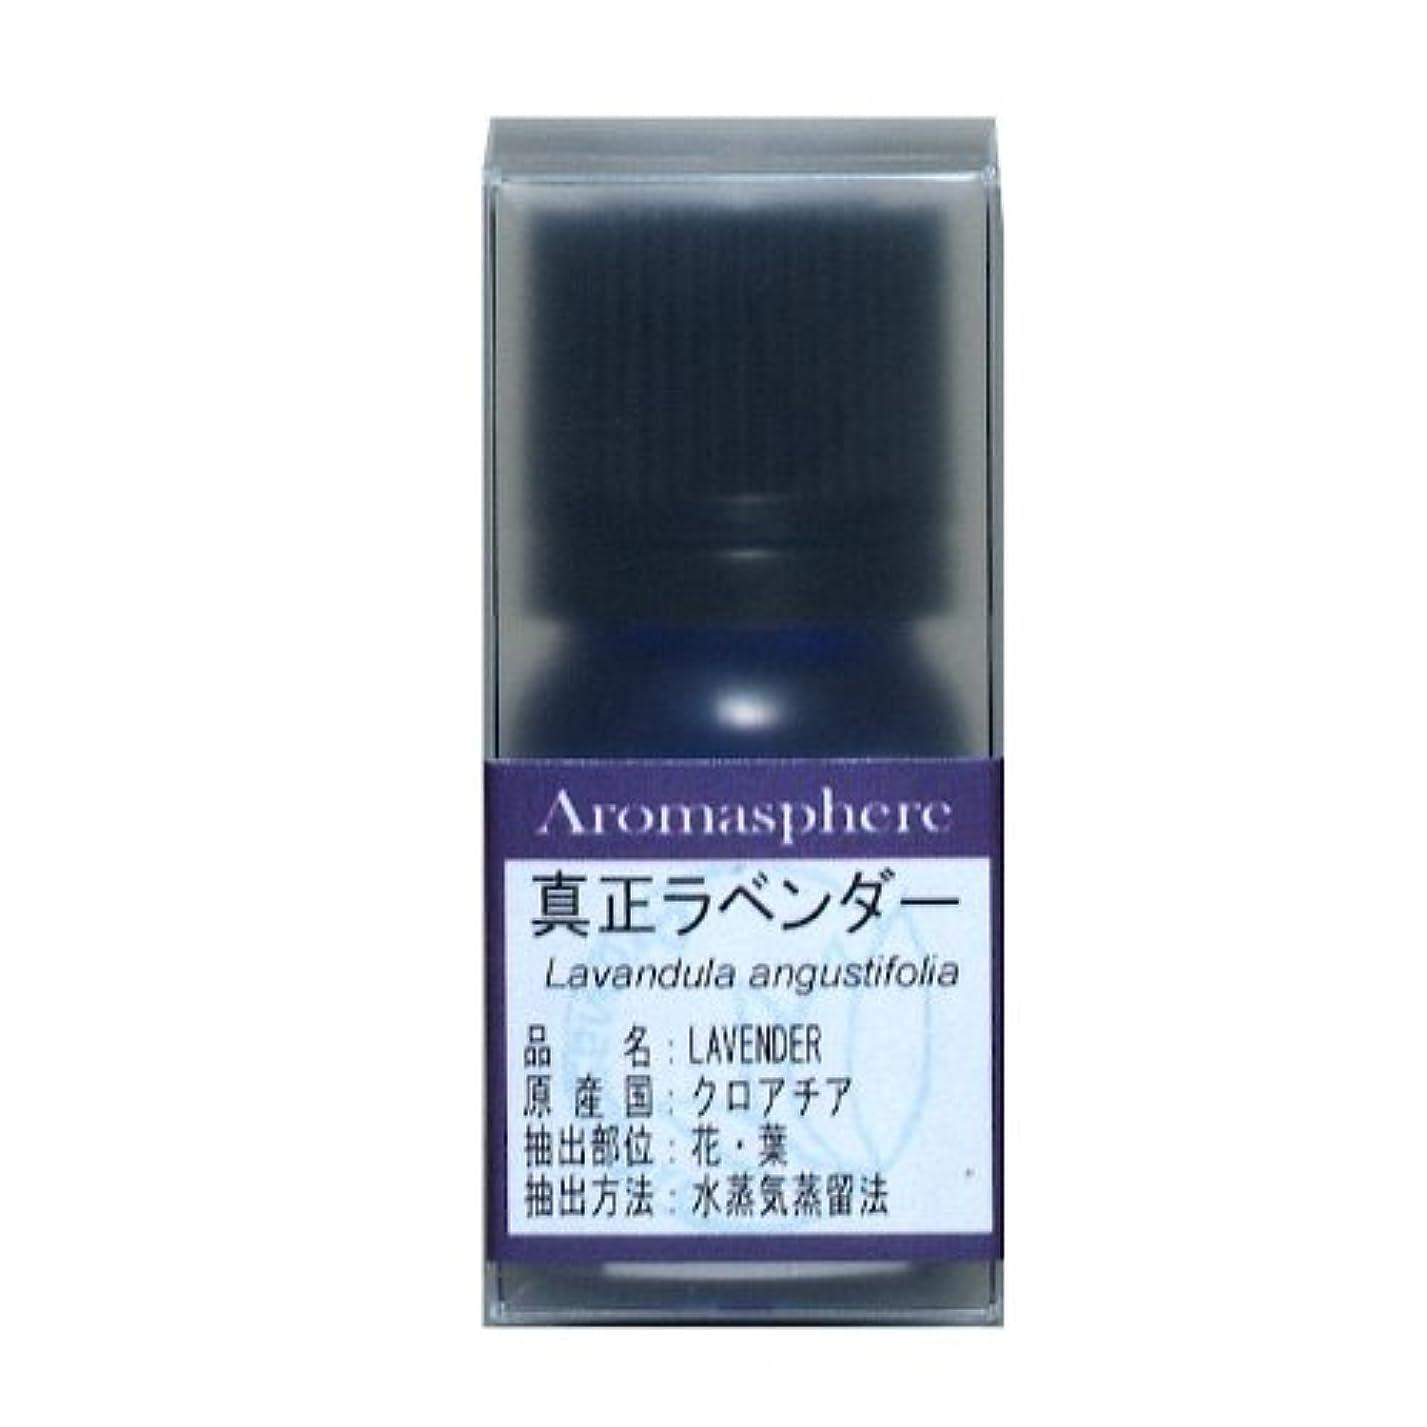 効能魅力的冒険家【アロマスフィア】真正ラベンダー 5ml エッセンシャルオイル(精油)